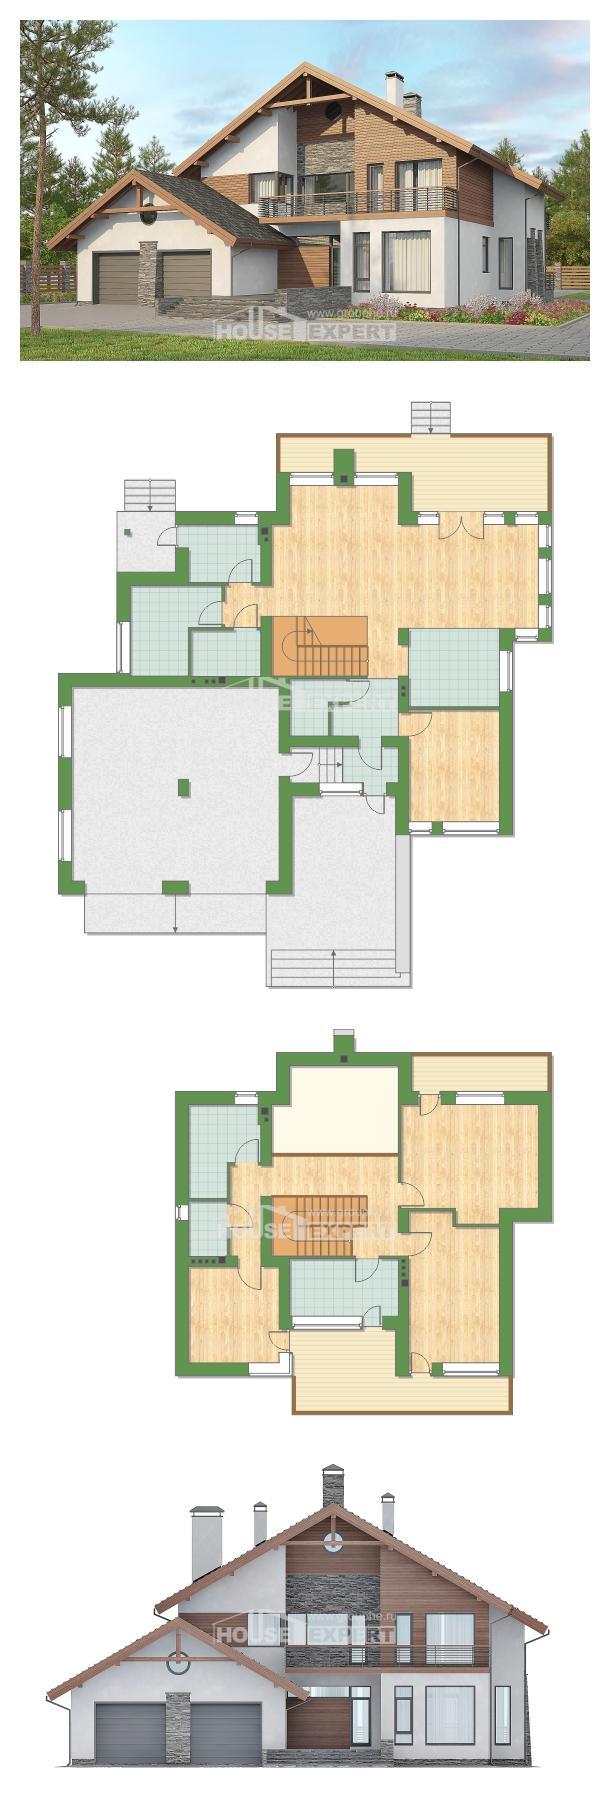 Plan 270-003-L   House Expert